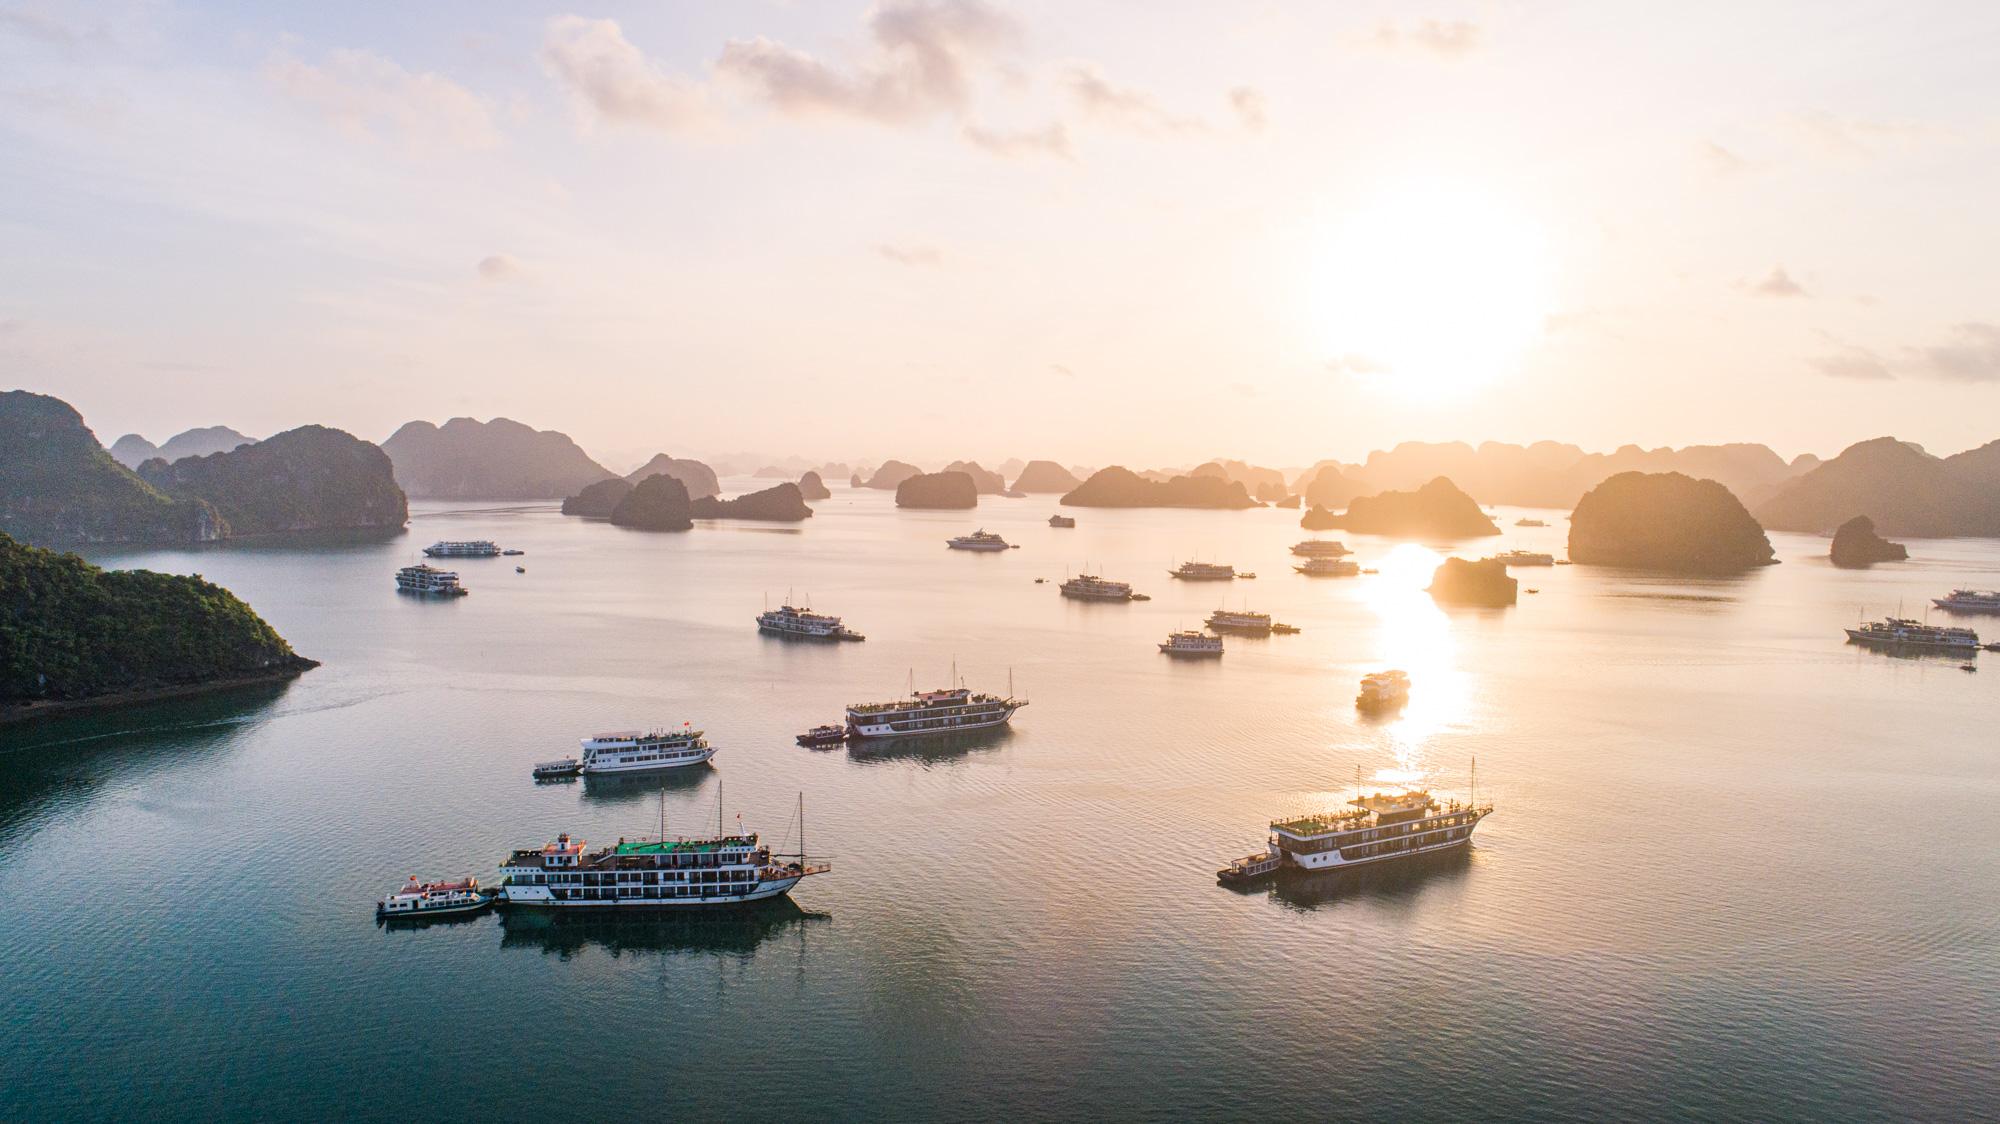 Sunset in Bai Tu Long Bay